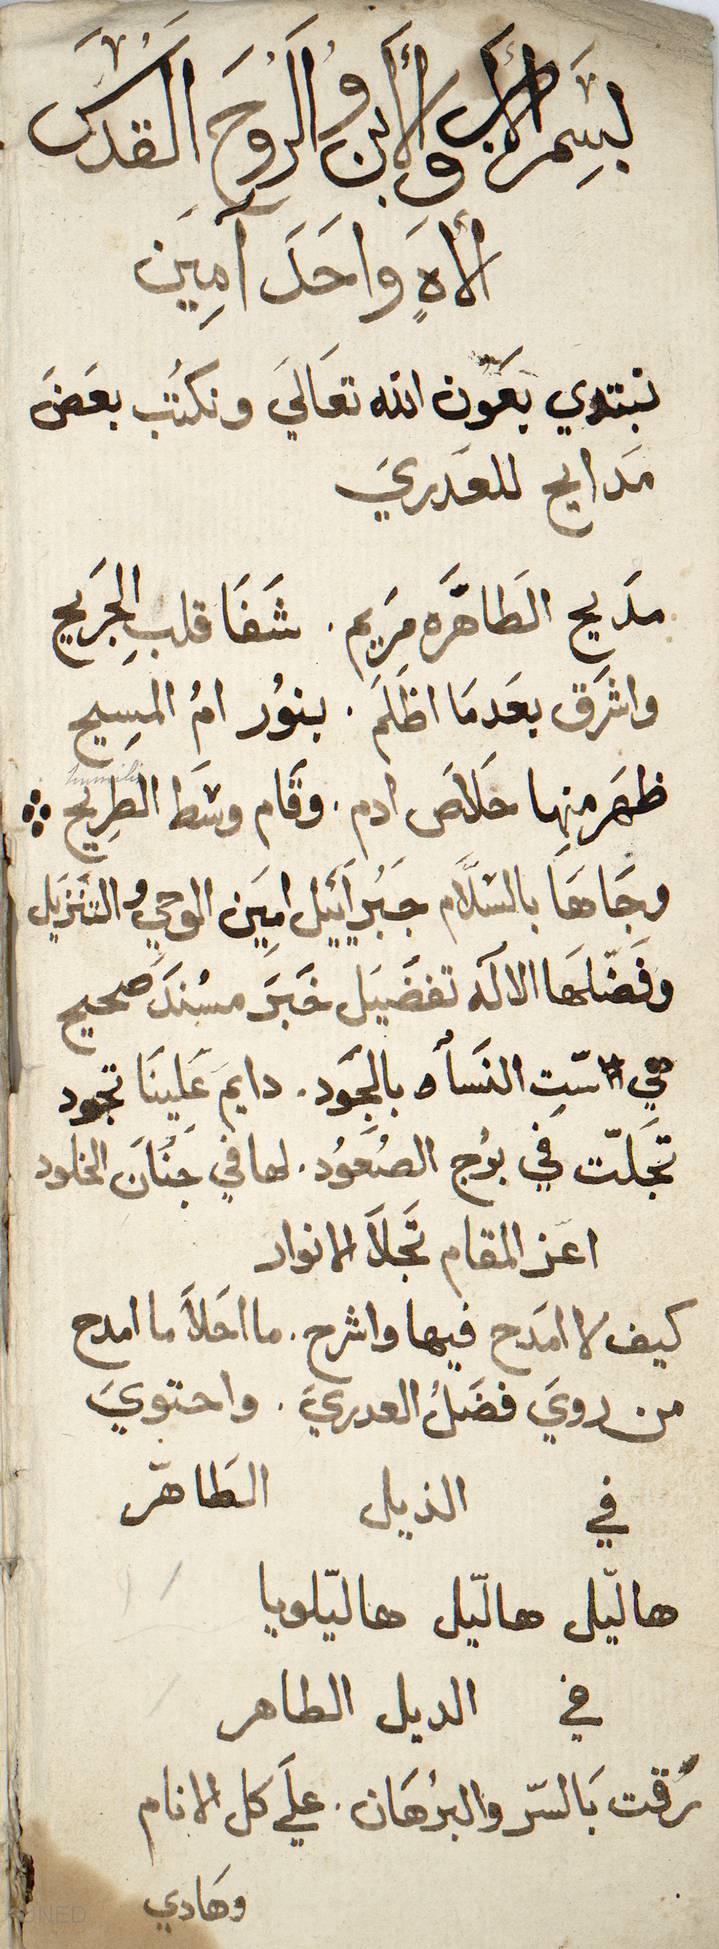 Ba'd mada'ih li-l-'Adri, 1580-1600?